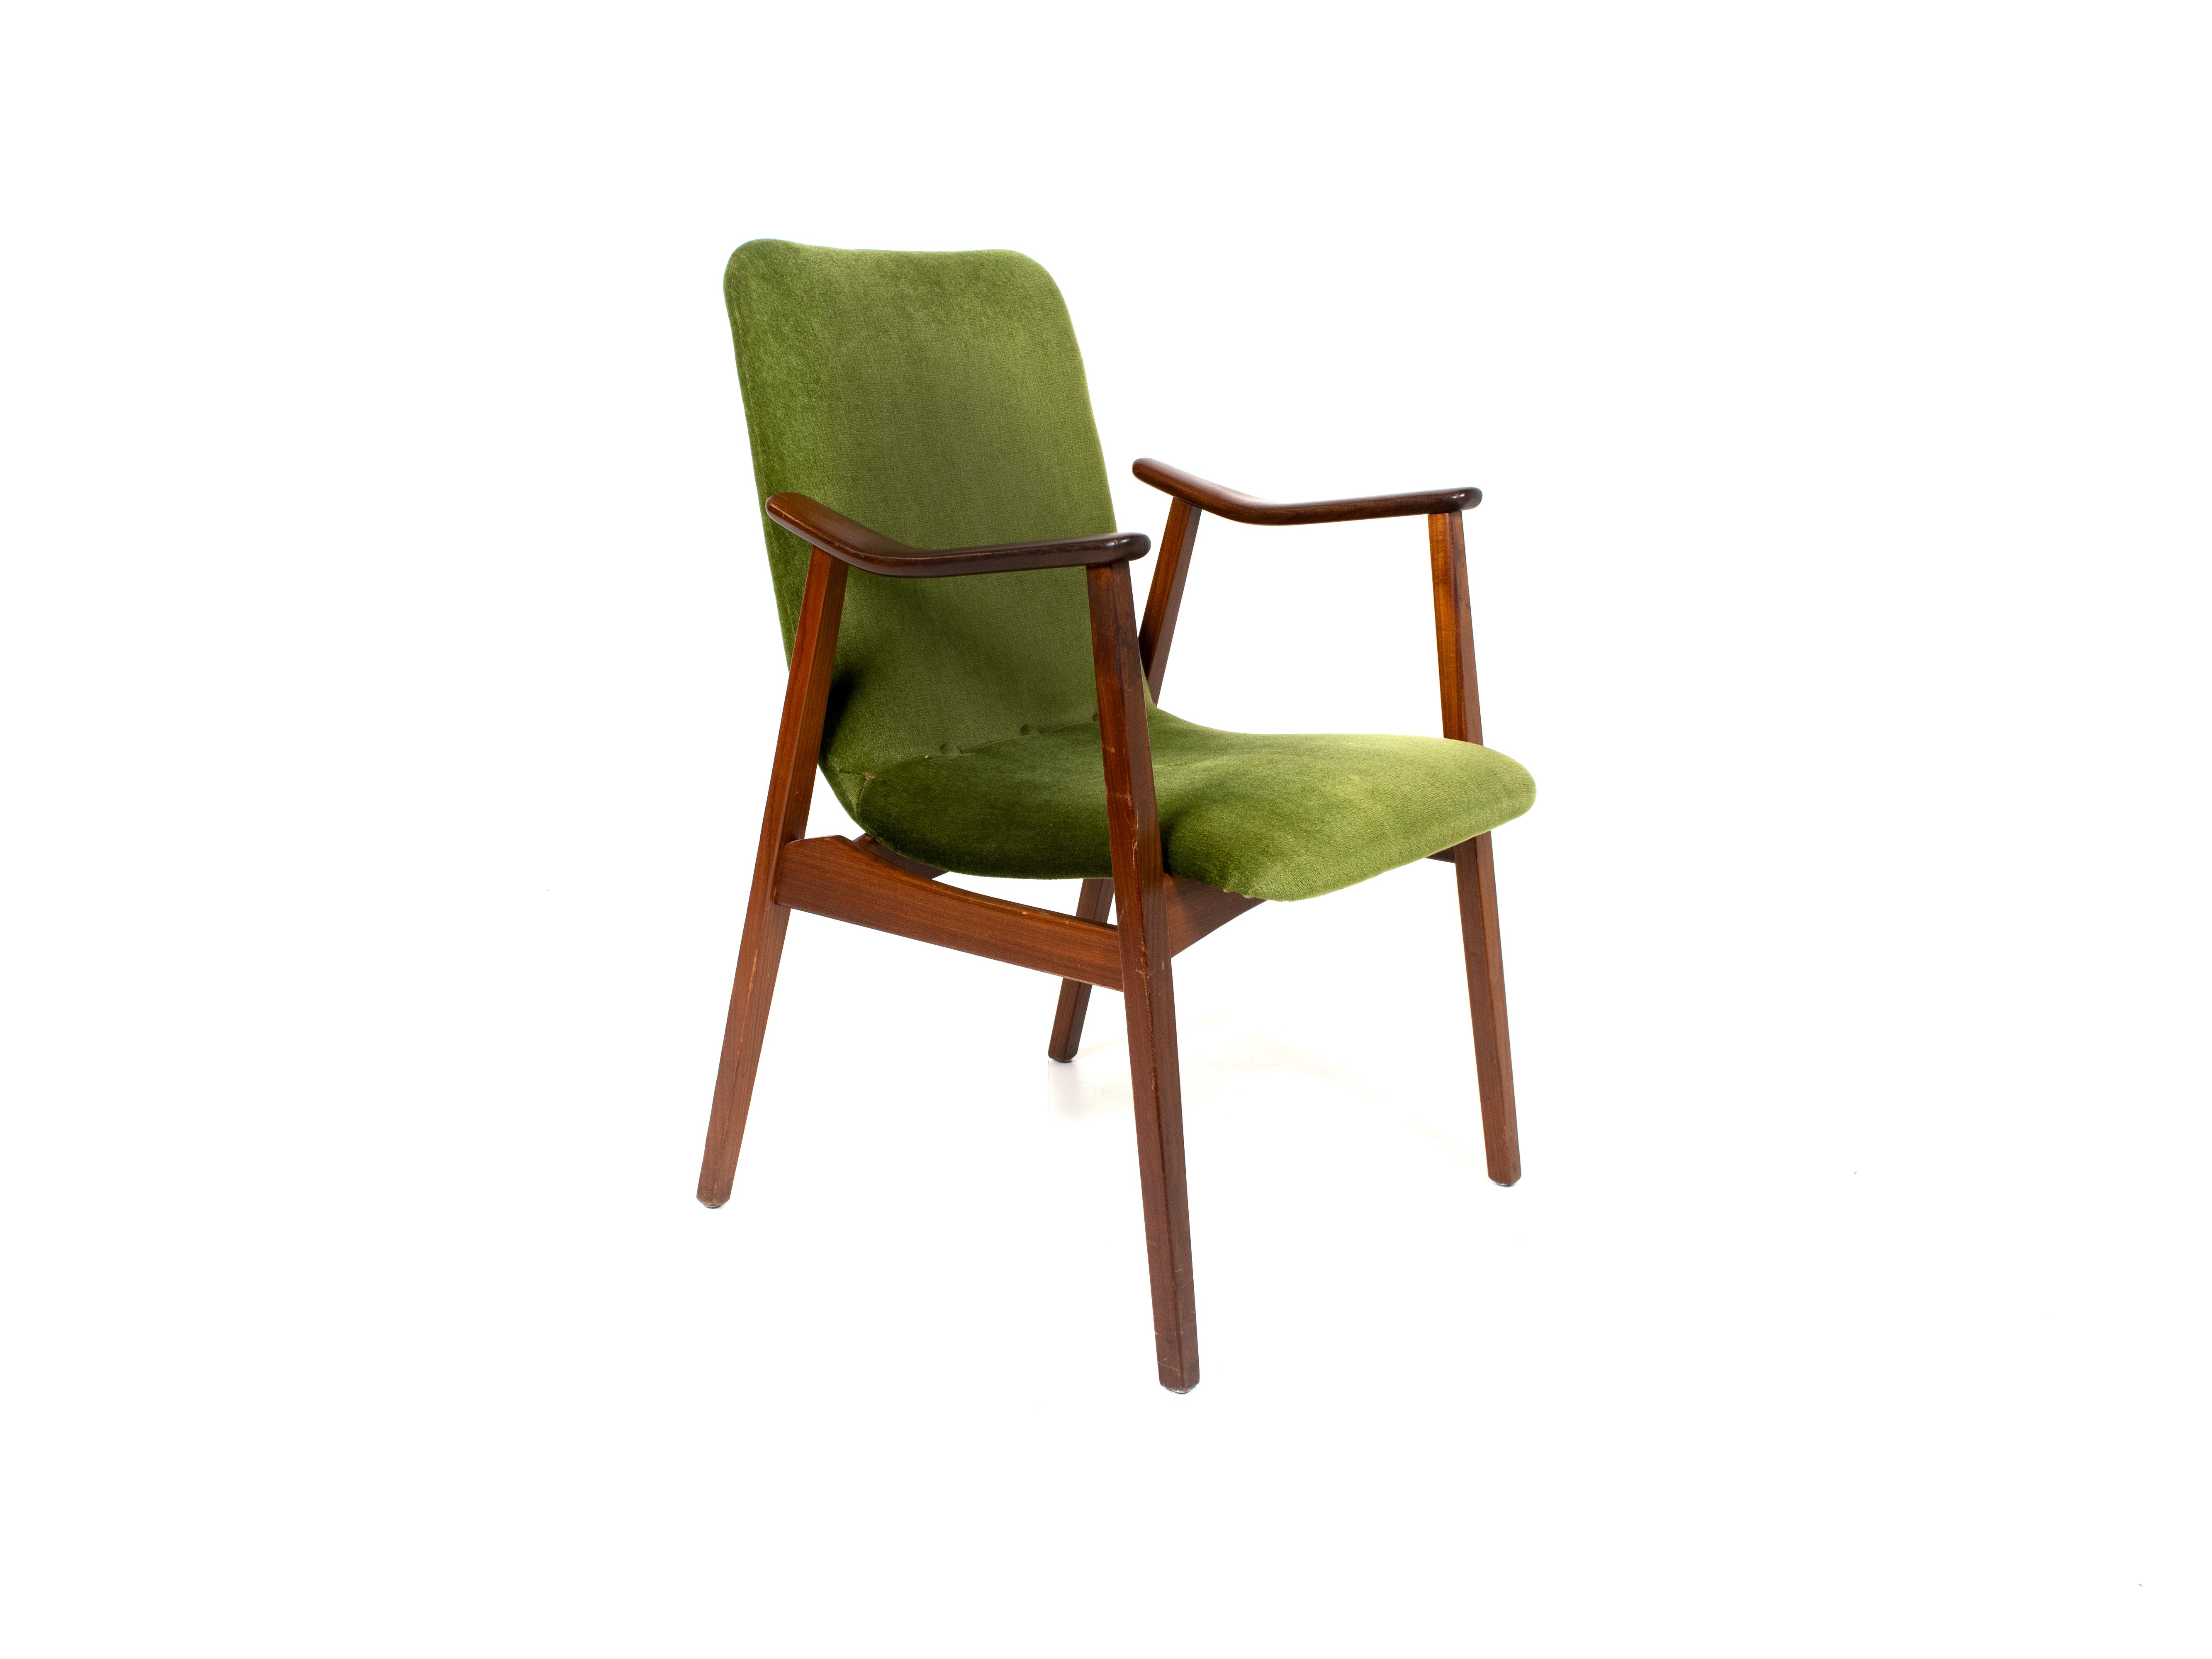 Vintage Lounge Chair in Teak and Green Velvet, Louis van Teeffelen Style, 1960s